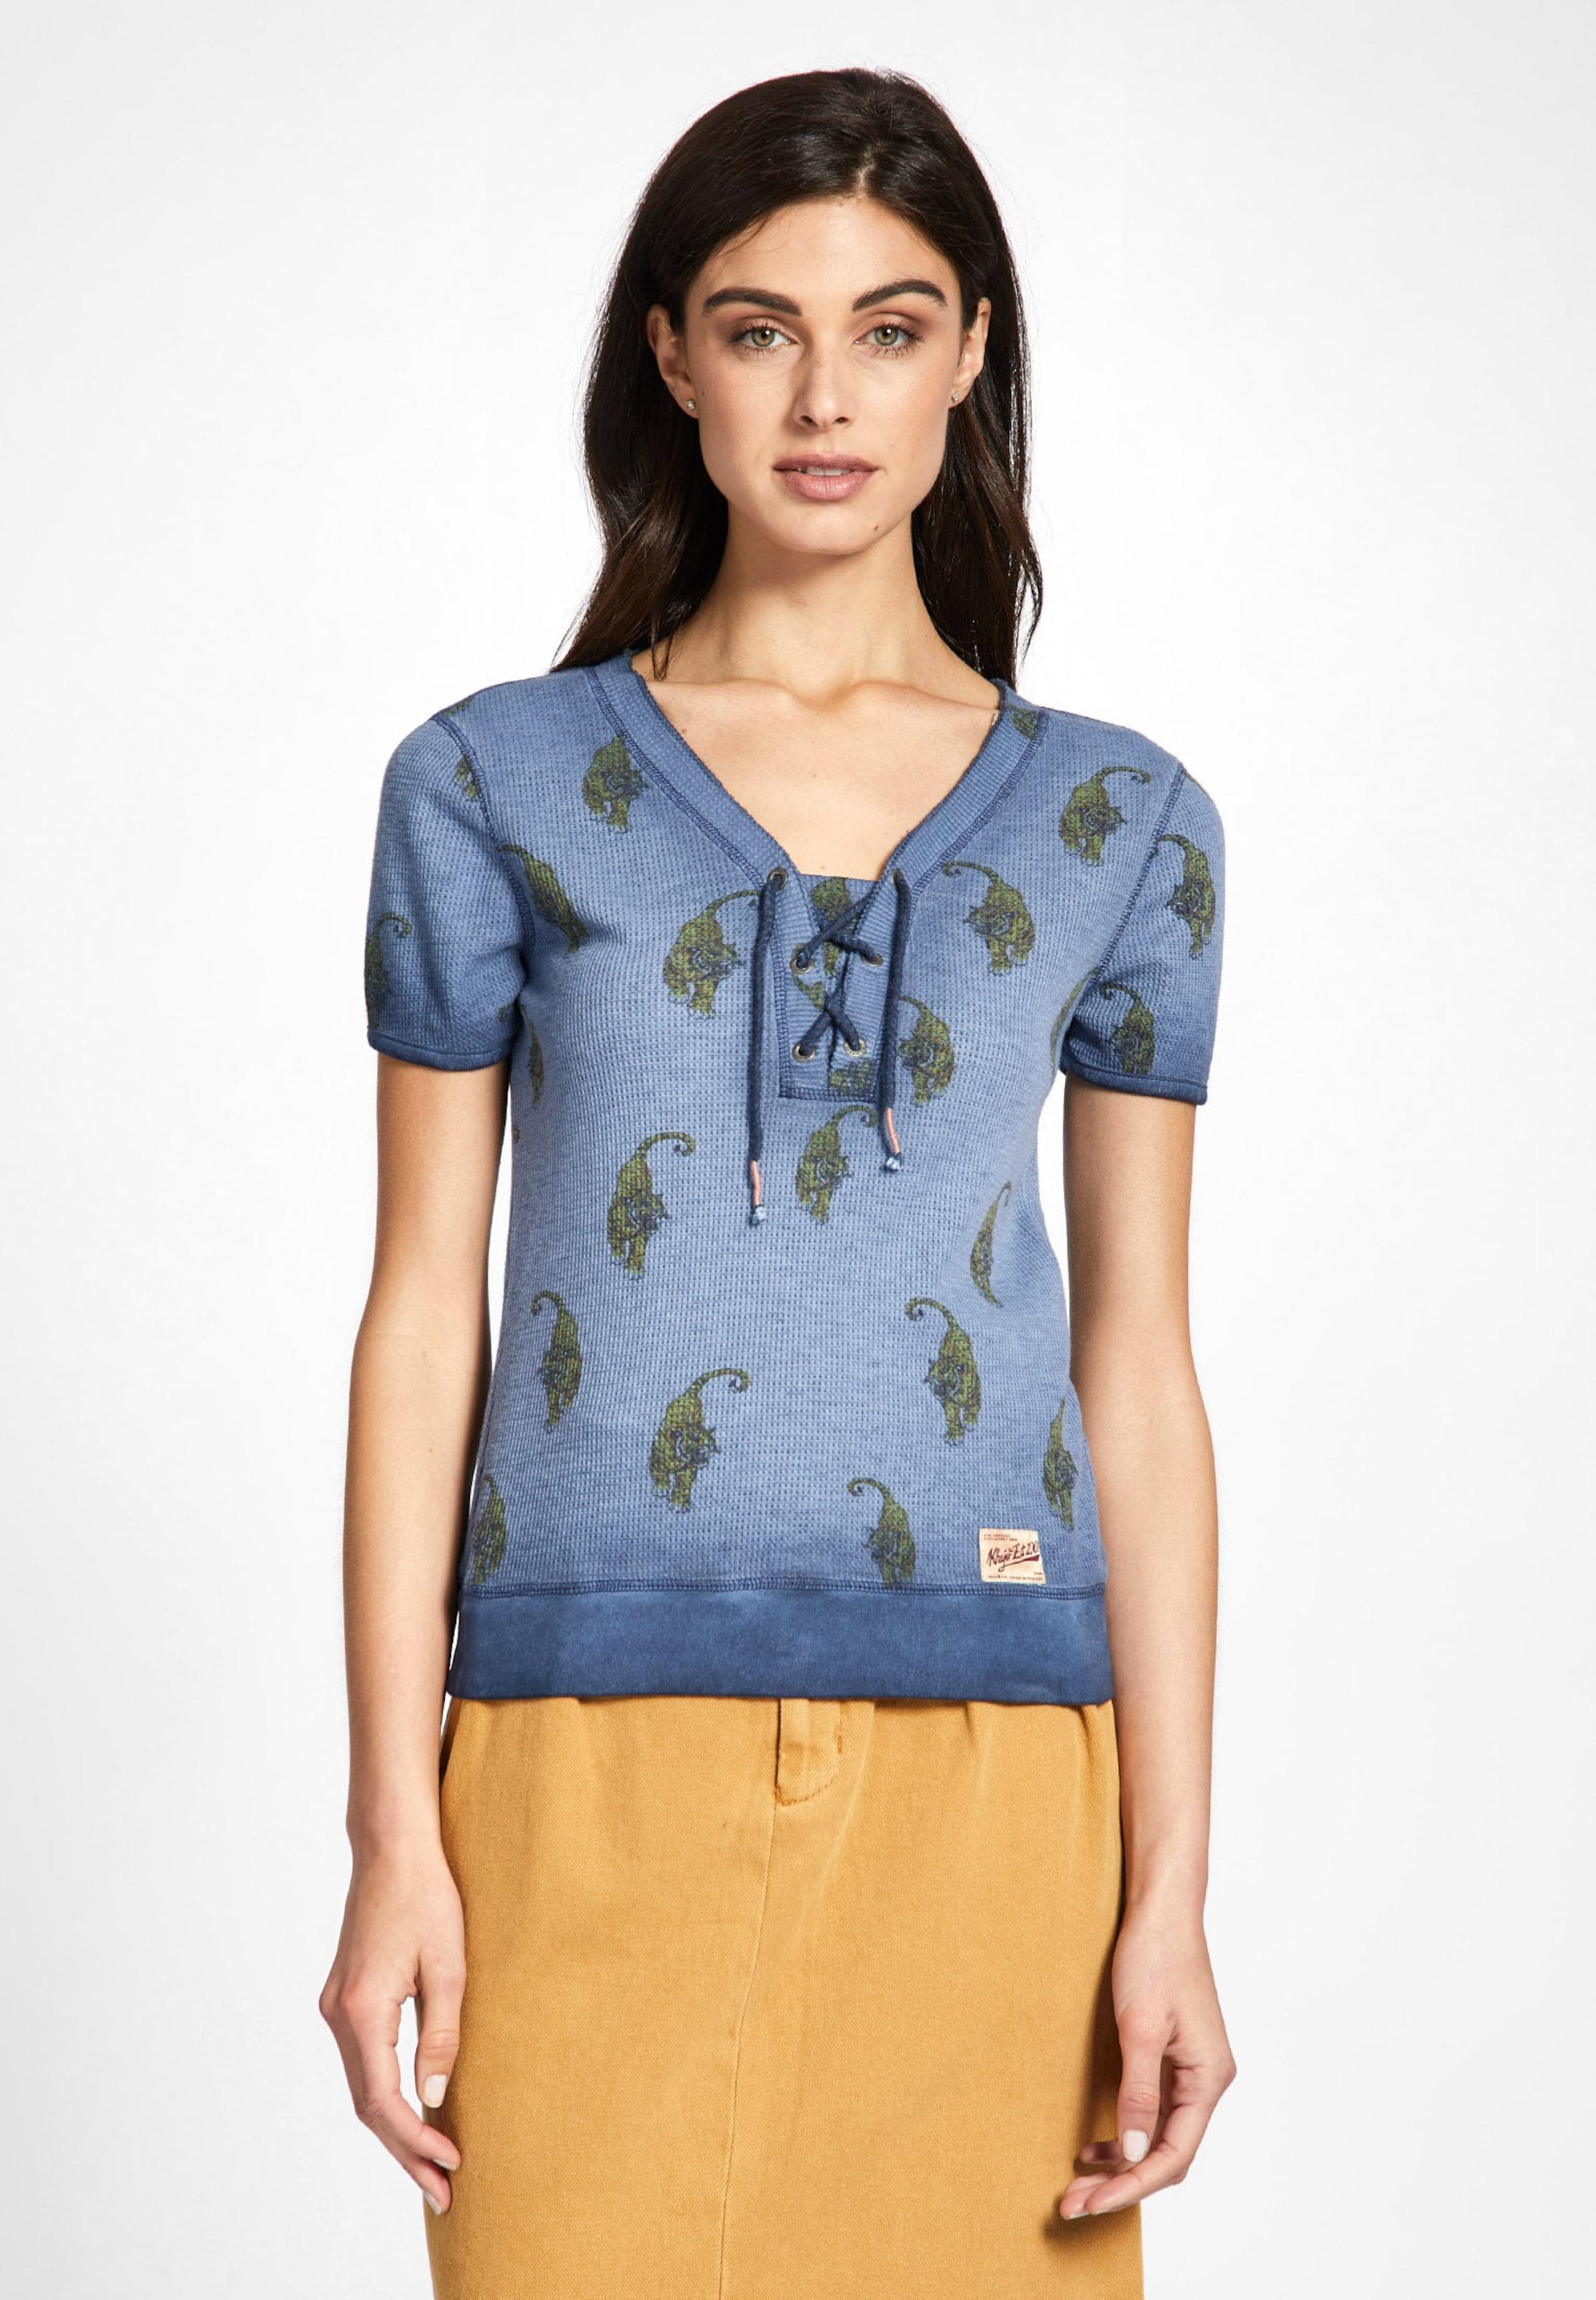 'anniara' Shirt Khujo 'anniara' Shirt 'anniara' Khujo In Shirt Blau Khujo Blau In GSpzVqUM